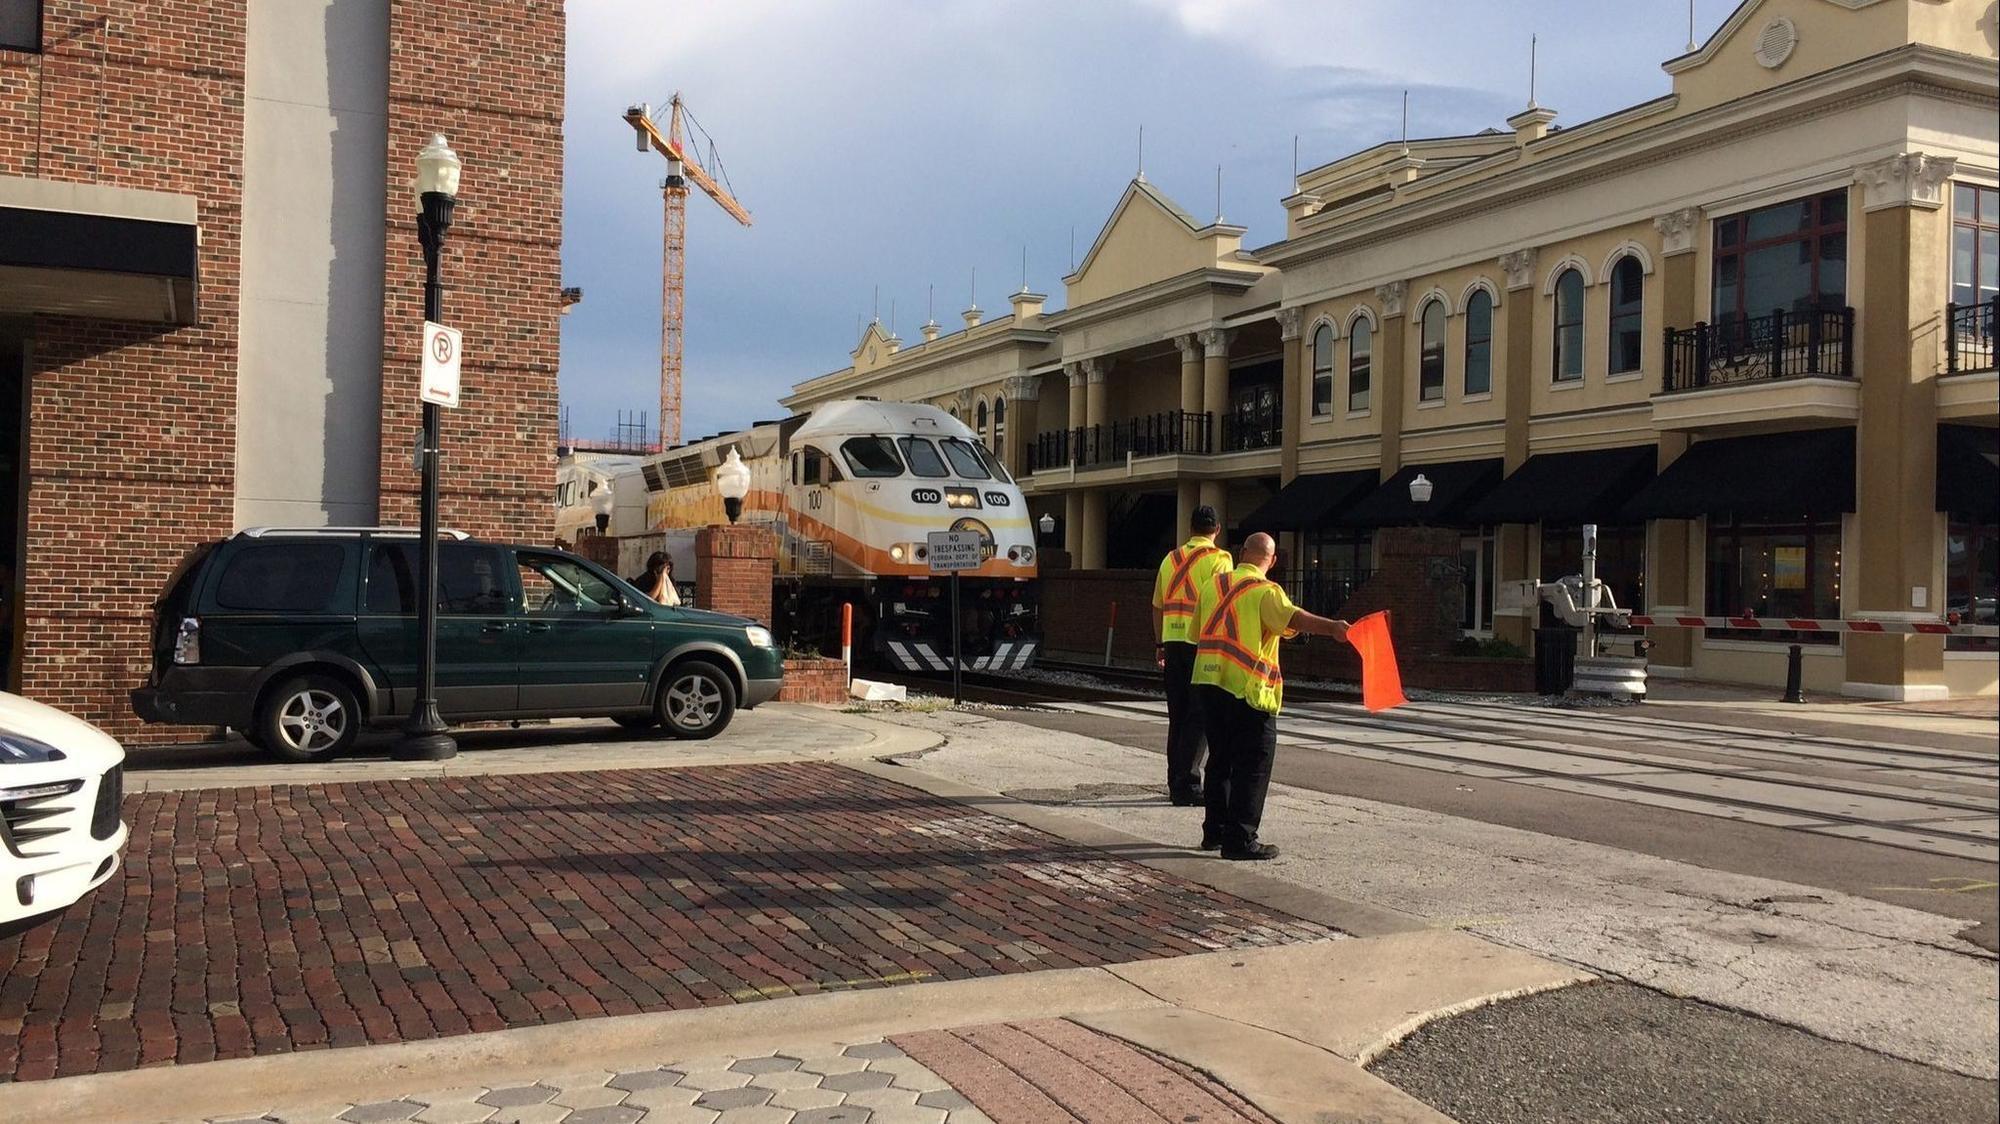 Sunrail Train Hits Suv In Downtown Orlando Orlando Sentinel